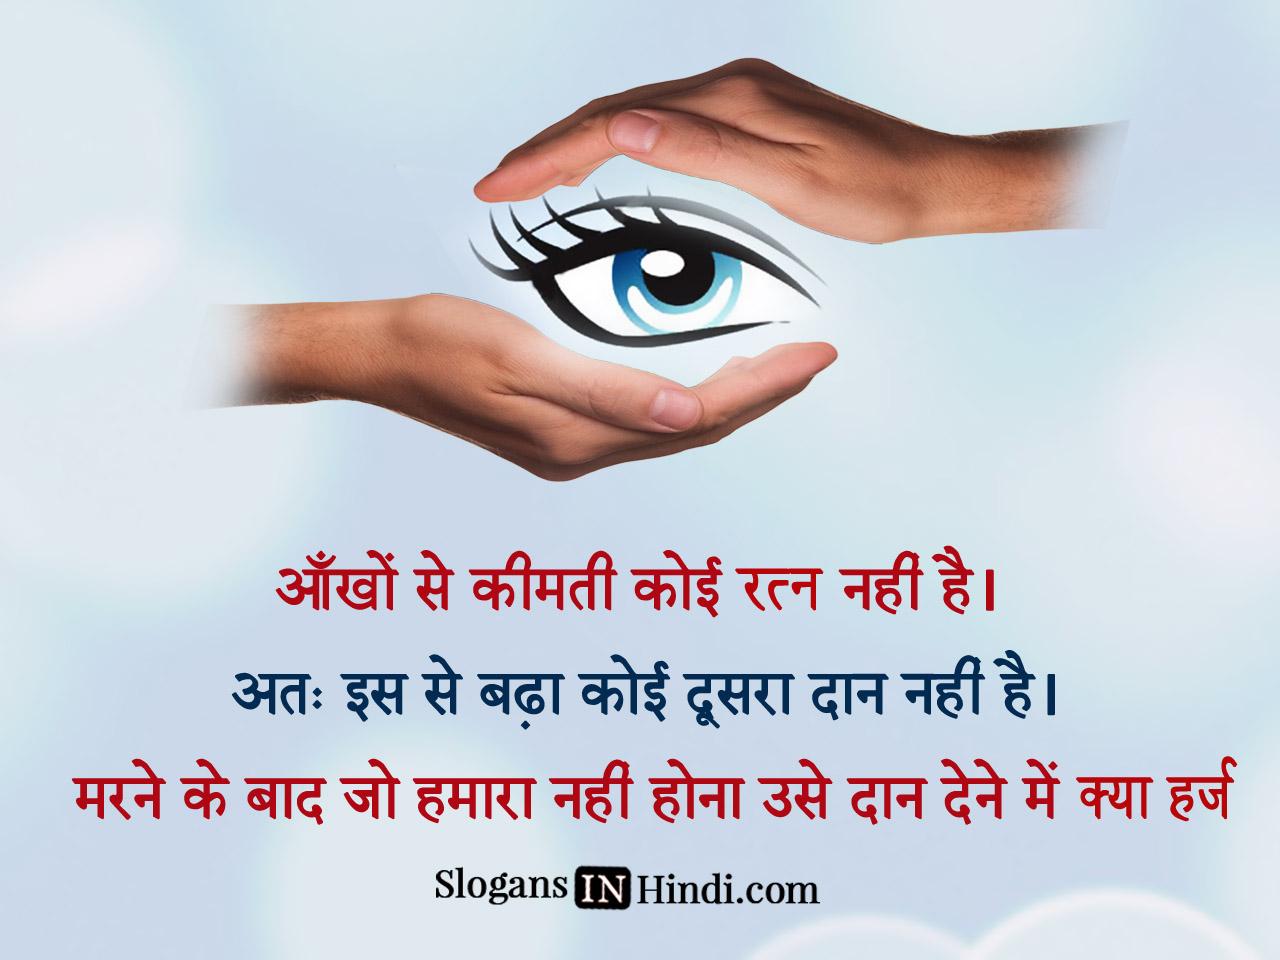 Eye donation slogans